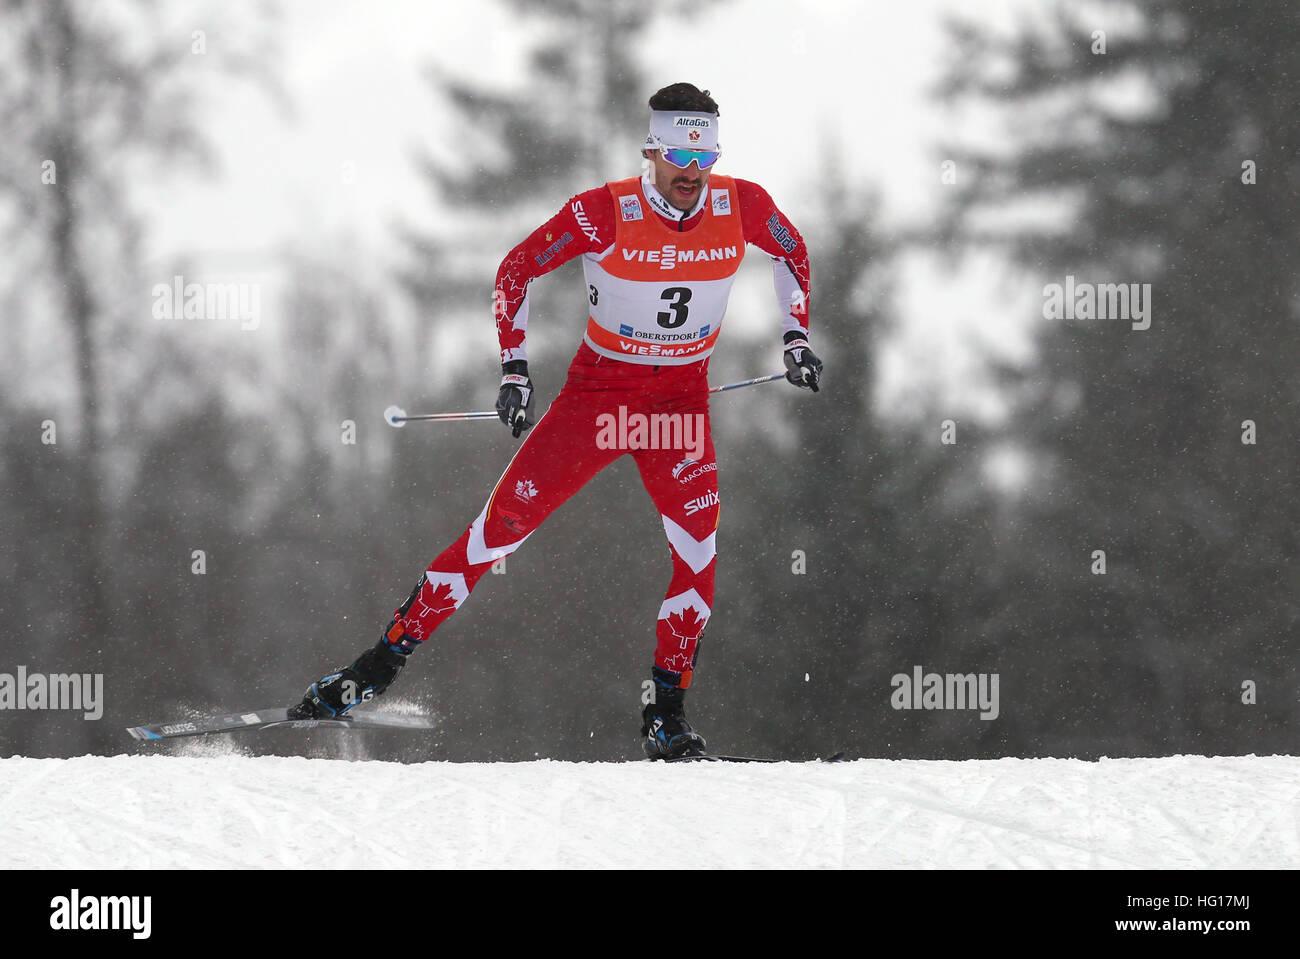 Oberstdorf, Alemania. 04 ene, 2017. Alex Harvey de Canadá esquís durante la carrera de persecución de hombres durante la FIS Tour de Ski en Oberstdorf, Alemania, 04 de enero de 2017. El Tour de Ski está teniendo lugar el 03 y 04 de enero de 2017 en Oberstdorf. Foto: Karl-Josef Hildenbrand/dpa/Alamy Live News Foto de stock